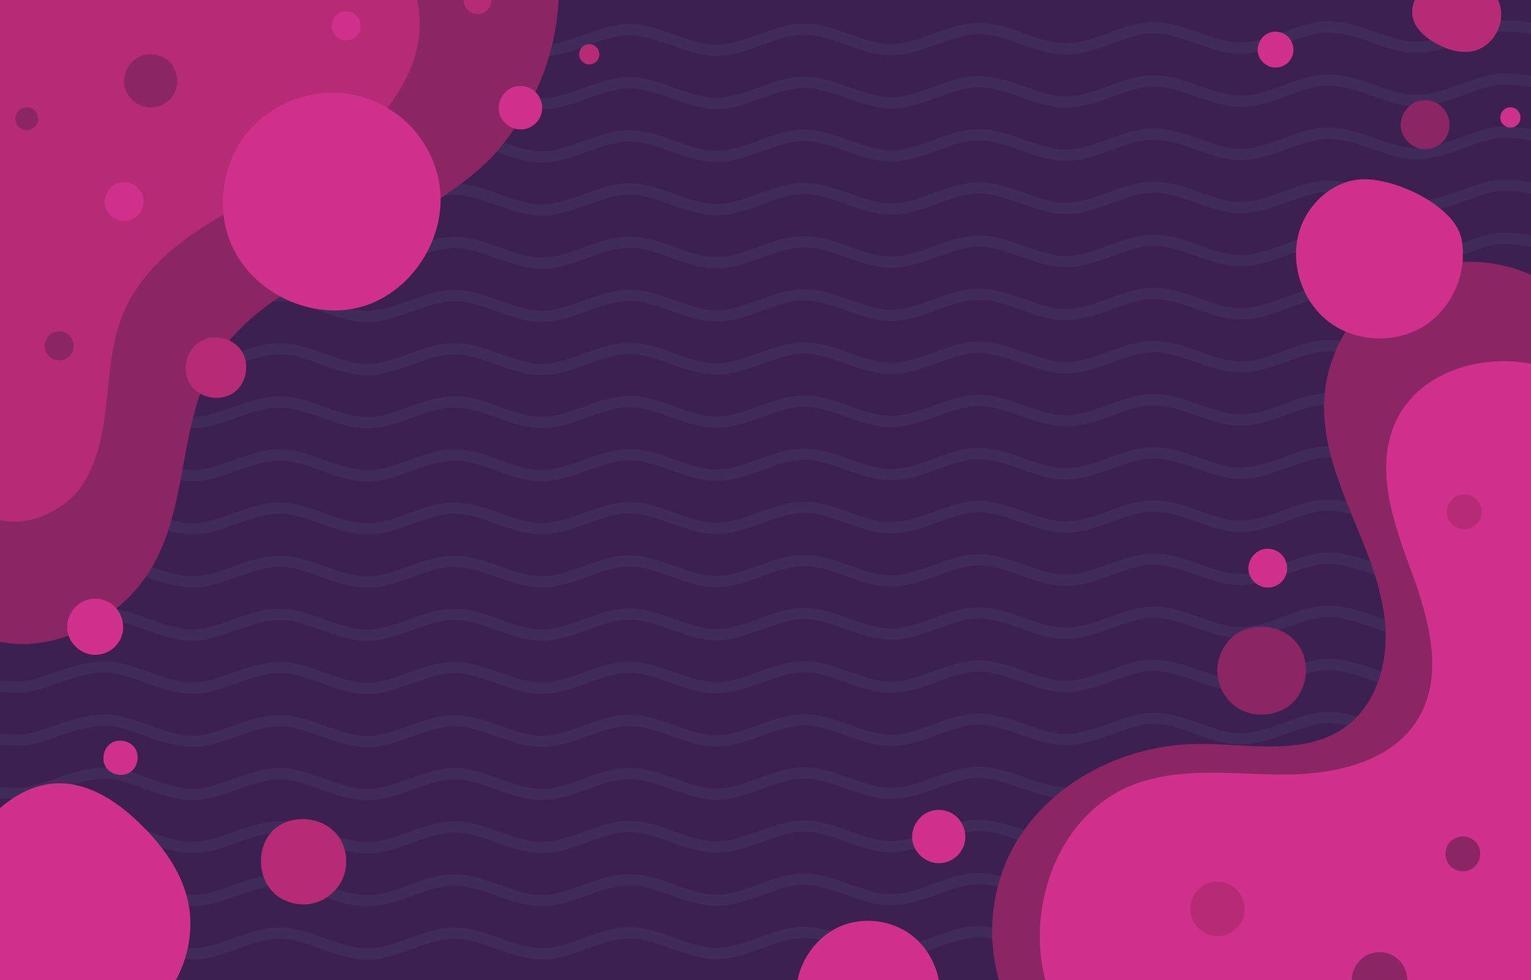 fond plat organique abstrait en violet magenta vecteur